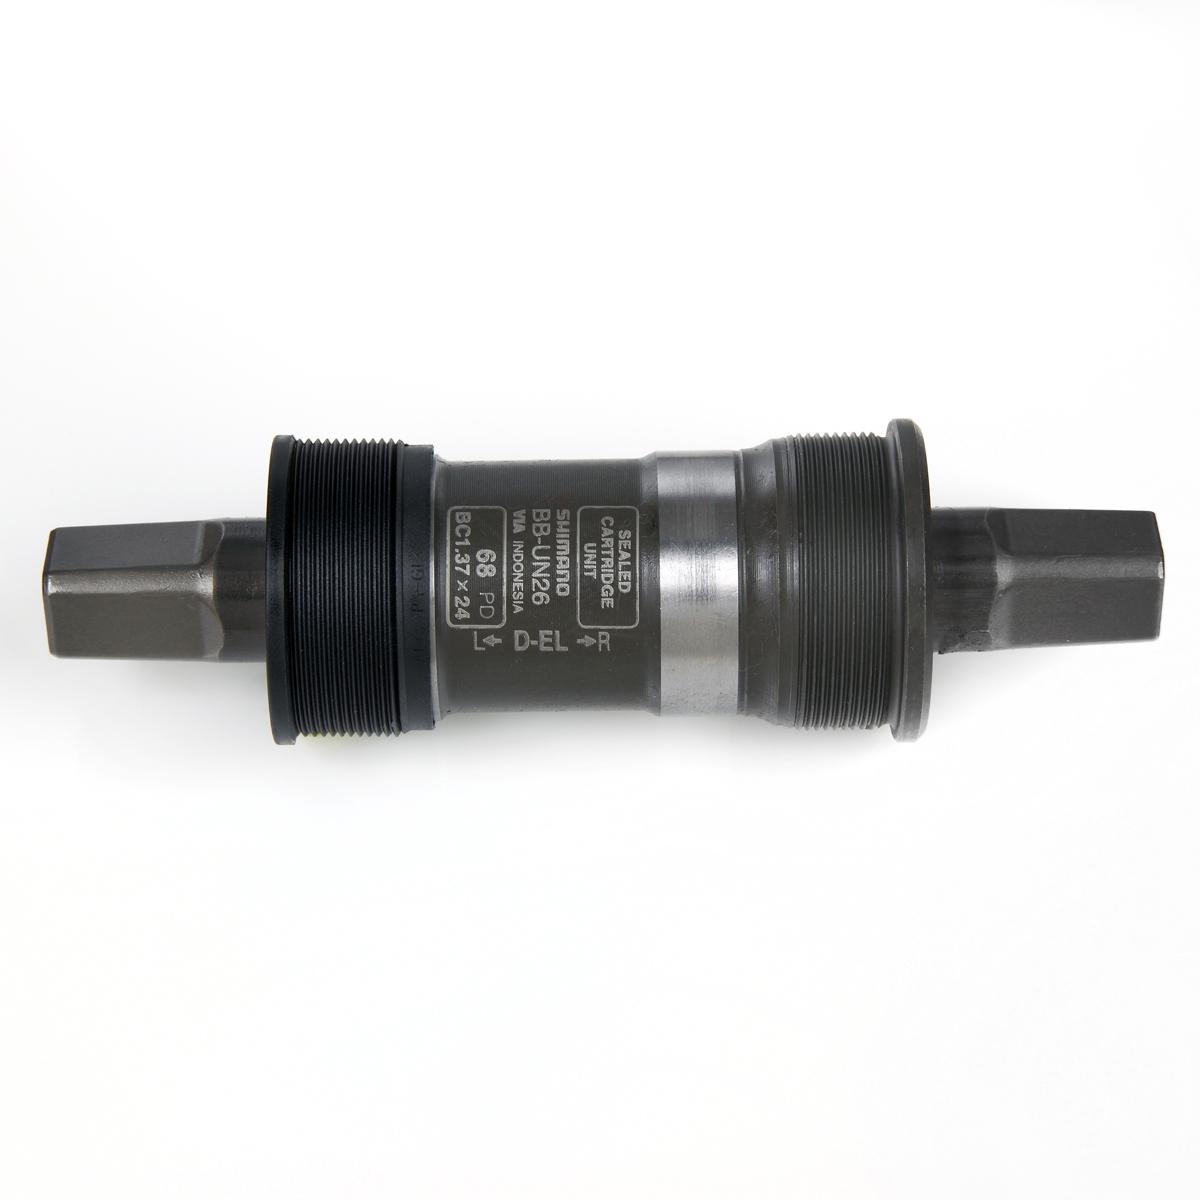 Boîtier de pédalier Shimano UN26 Carré BSA 68 x 127,5 mm